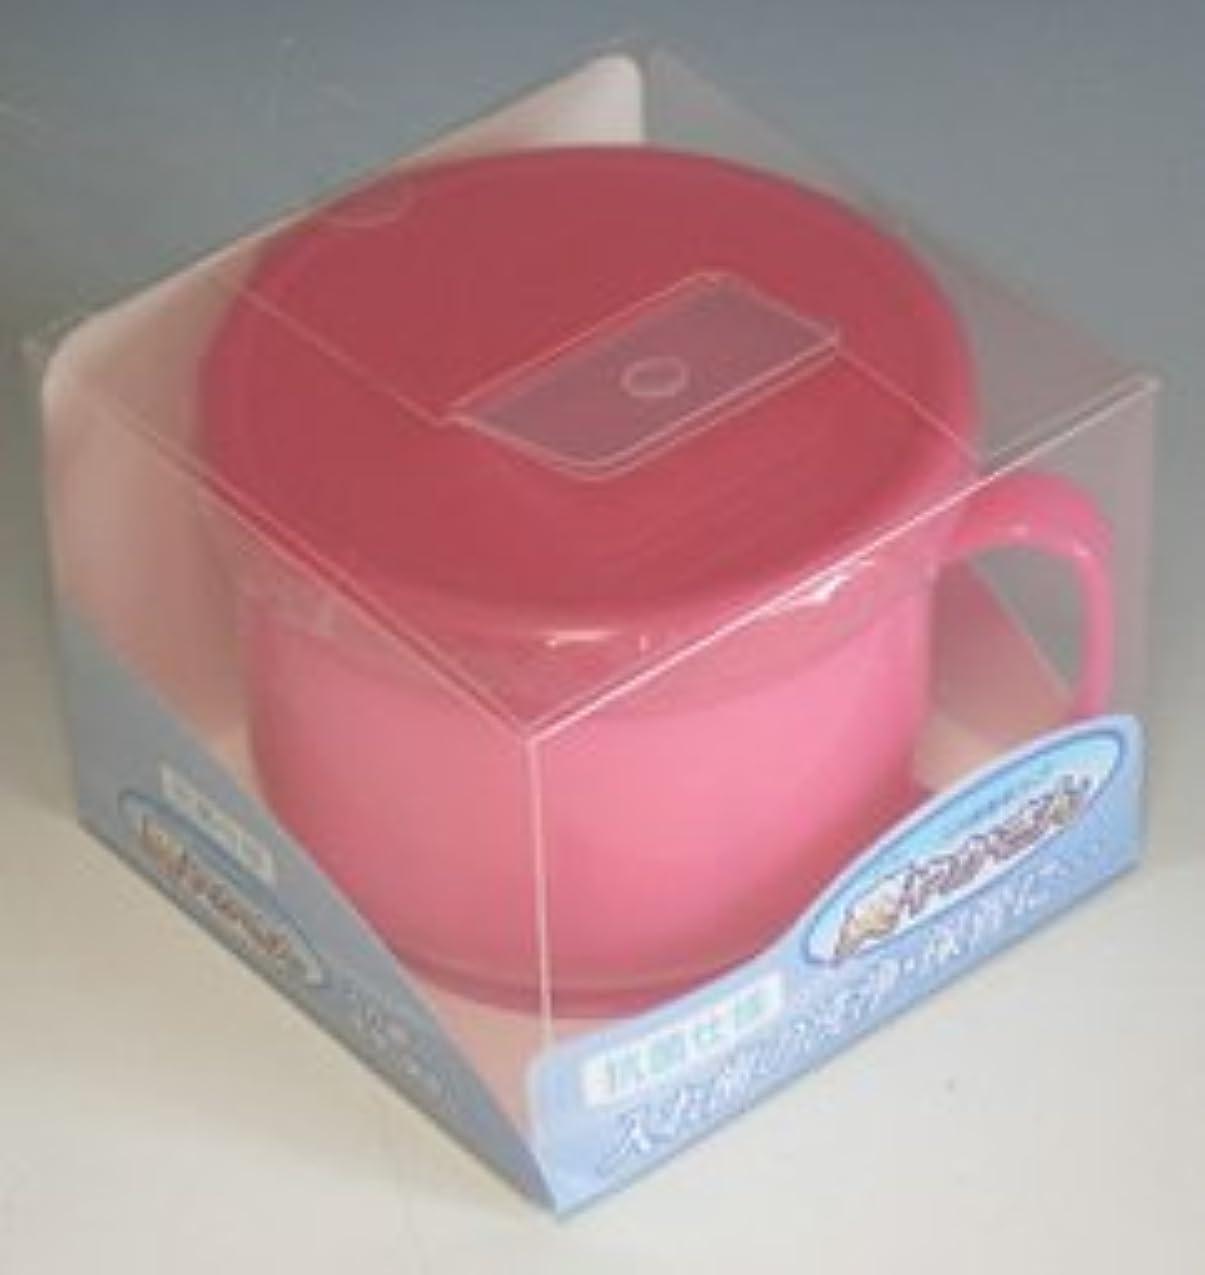 登録する無傷パイプラインデンタルコップ入れ歯容器 ピンク